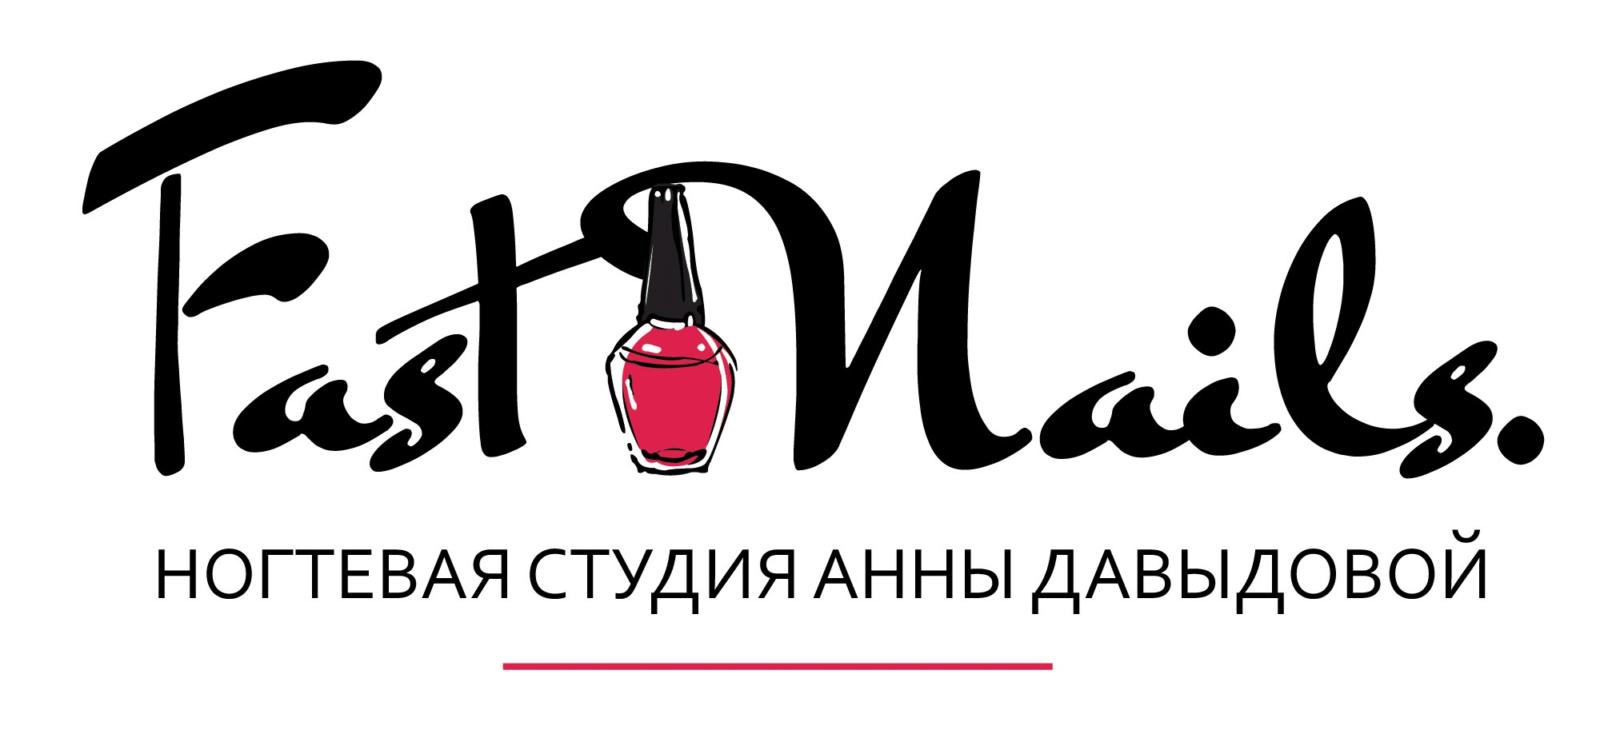 Студия маникюра и педикюра Анны Давыдовой